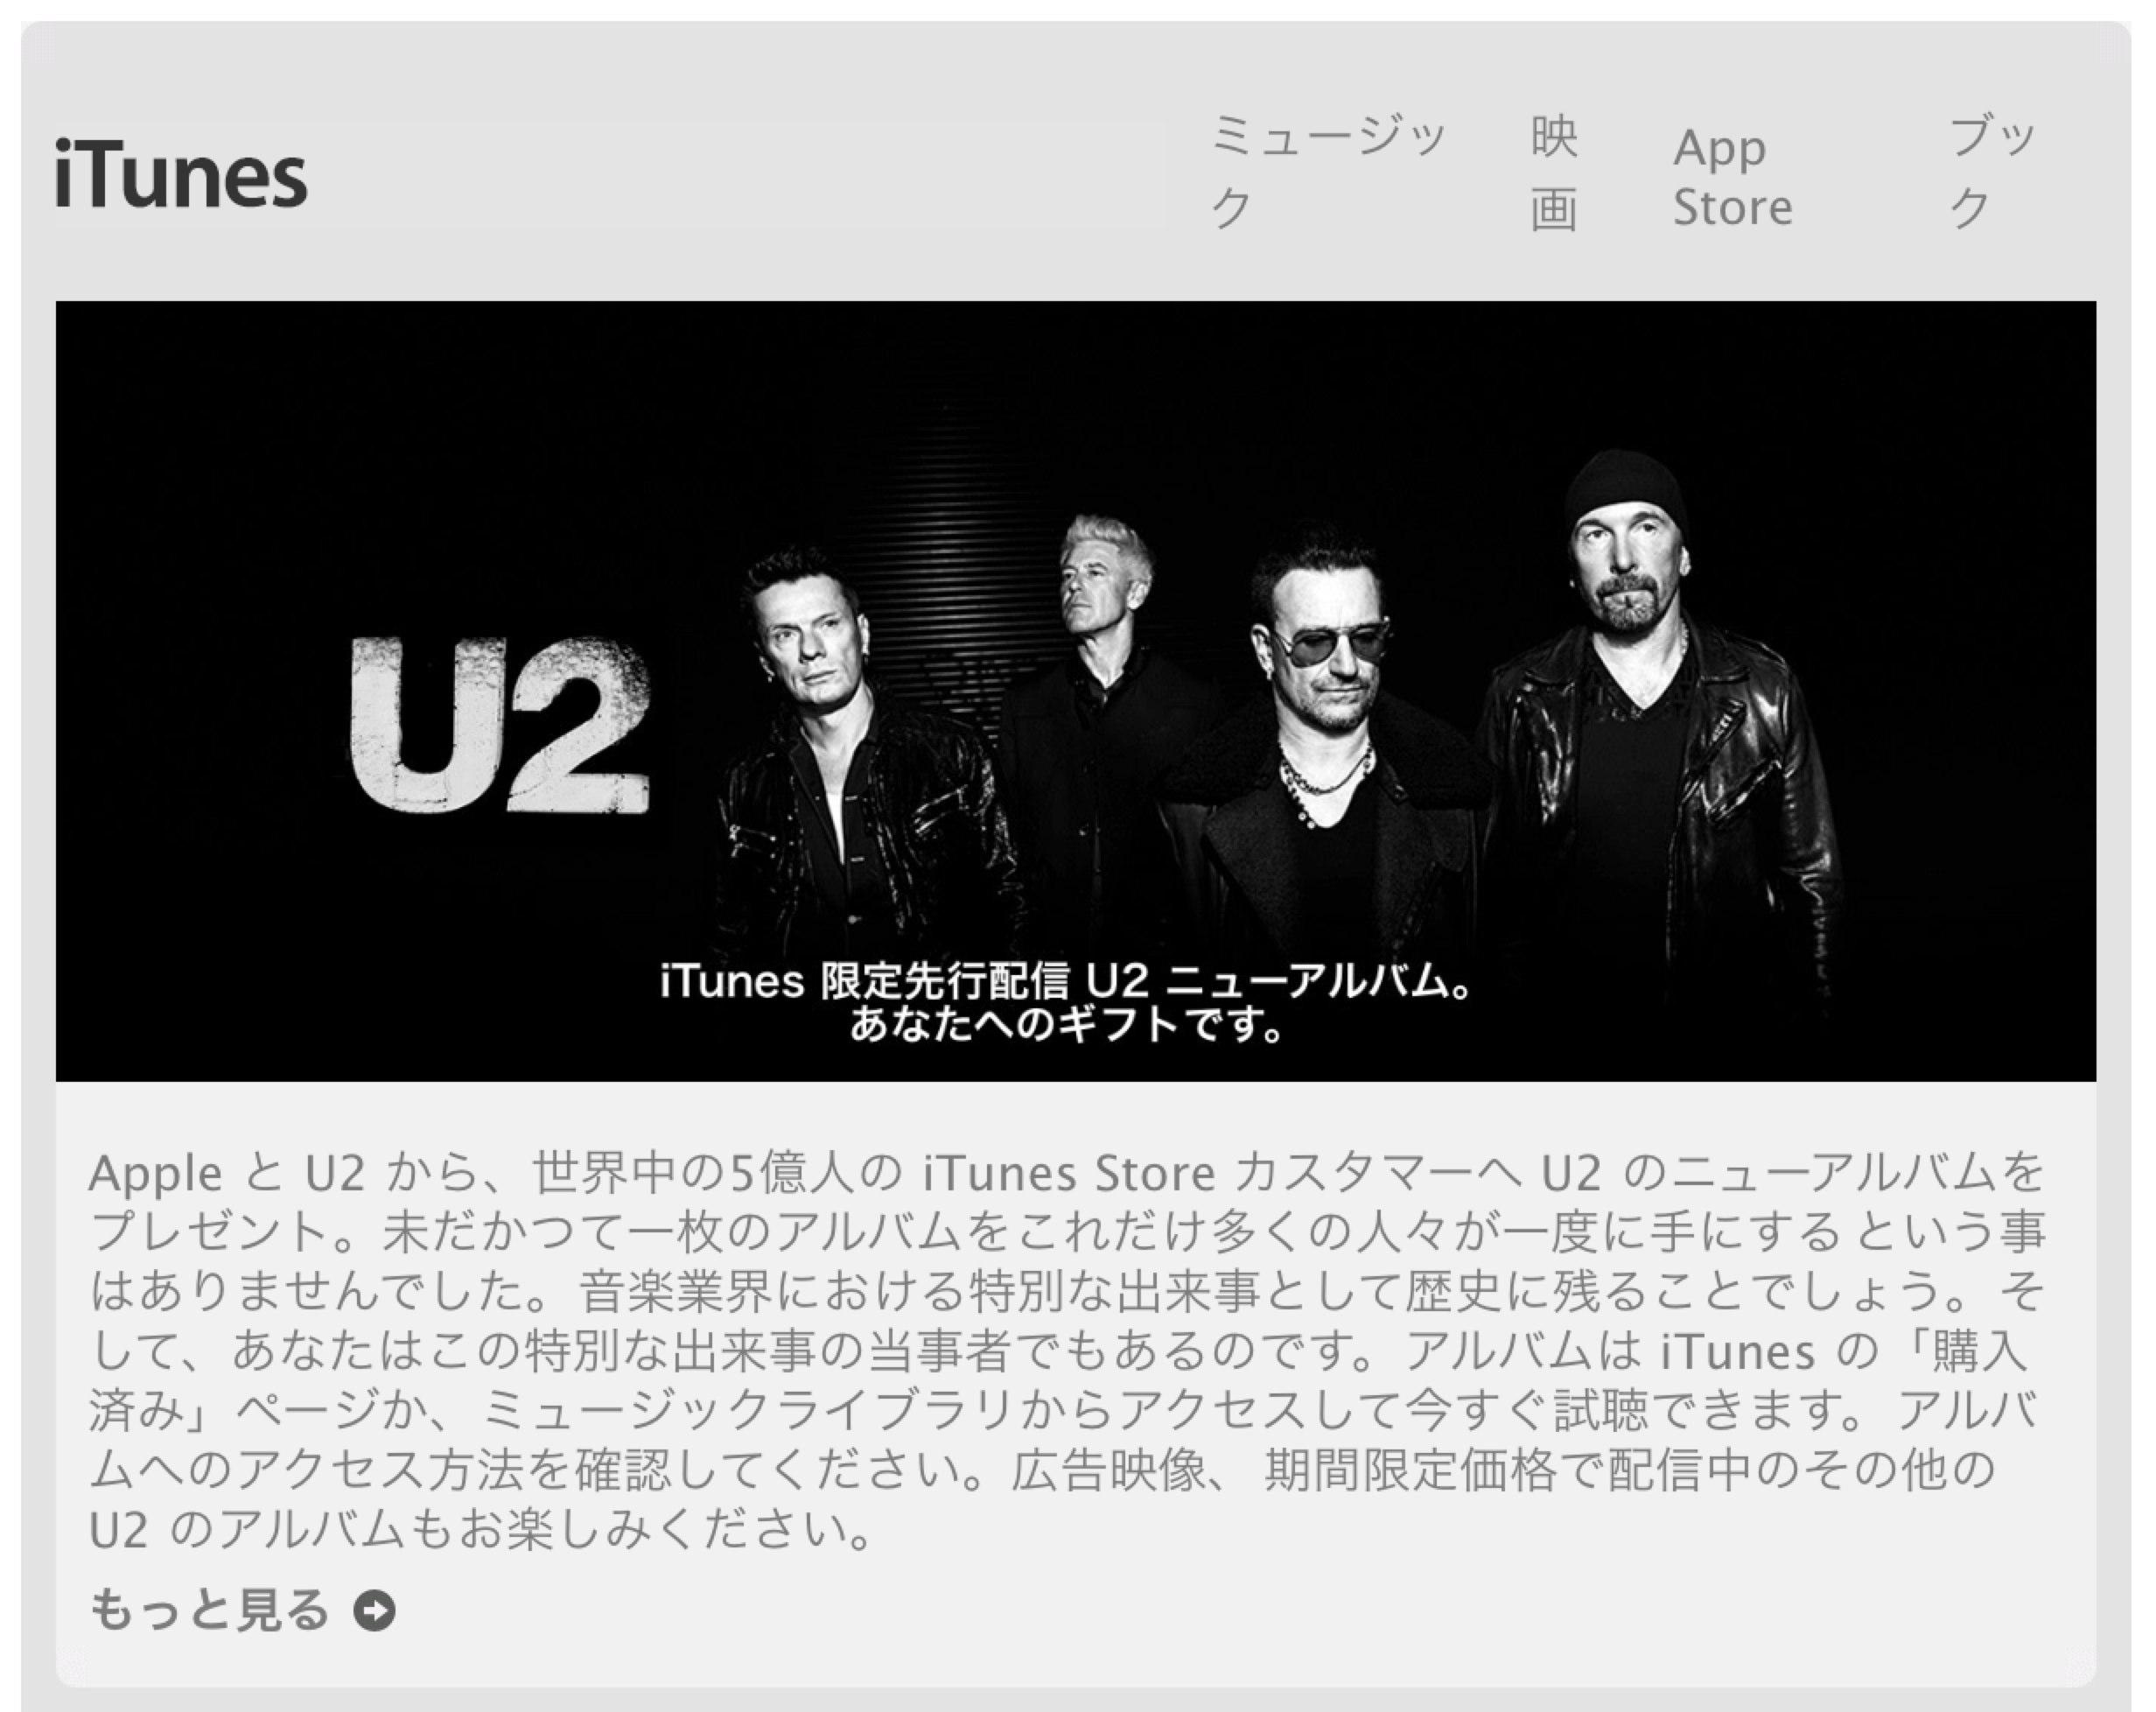 【無料ダウンロード終了】iTunes Storeからのプレゼント!U2ニューアルバム「Song of Innocence」が無料ダウンロードできます。